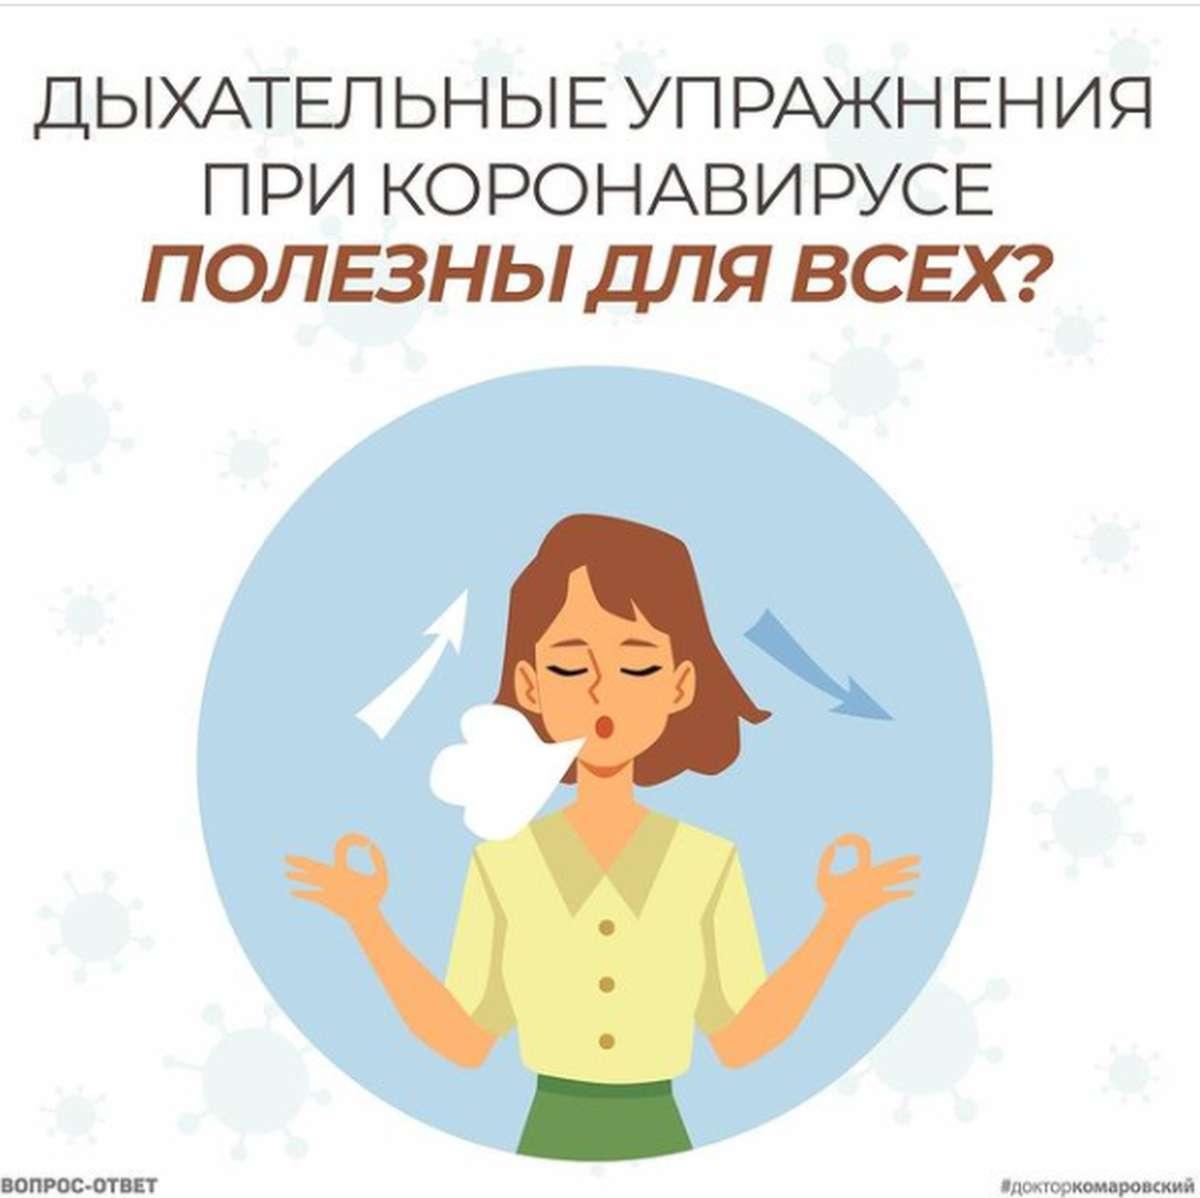 Комаровский рассказал о дыхательных упражнениях при коронавирусе - фото 1